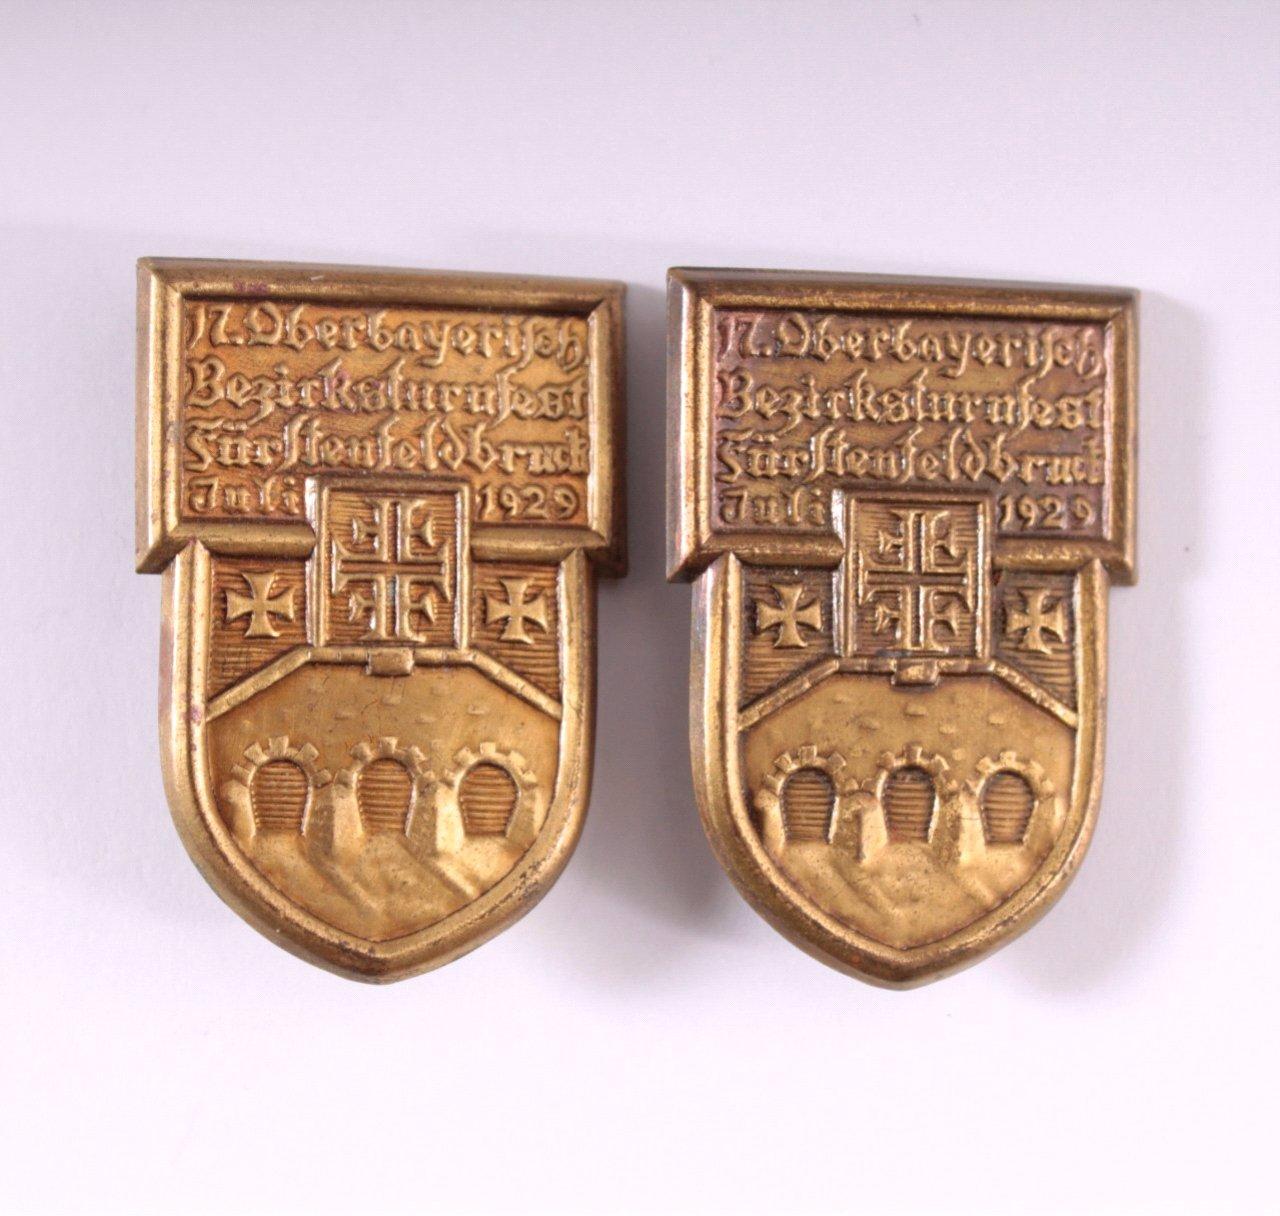 2 Abzeichen 17. Oberbayerisches Bezirksturnfest 1929